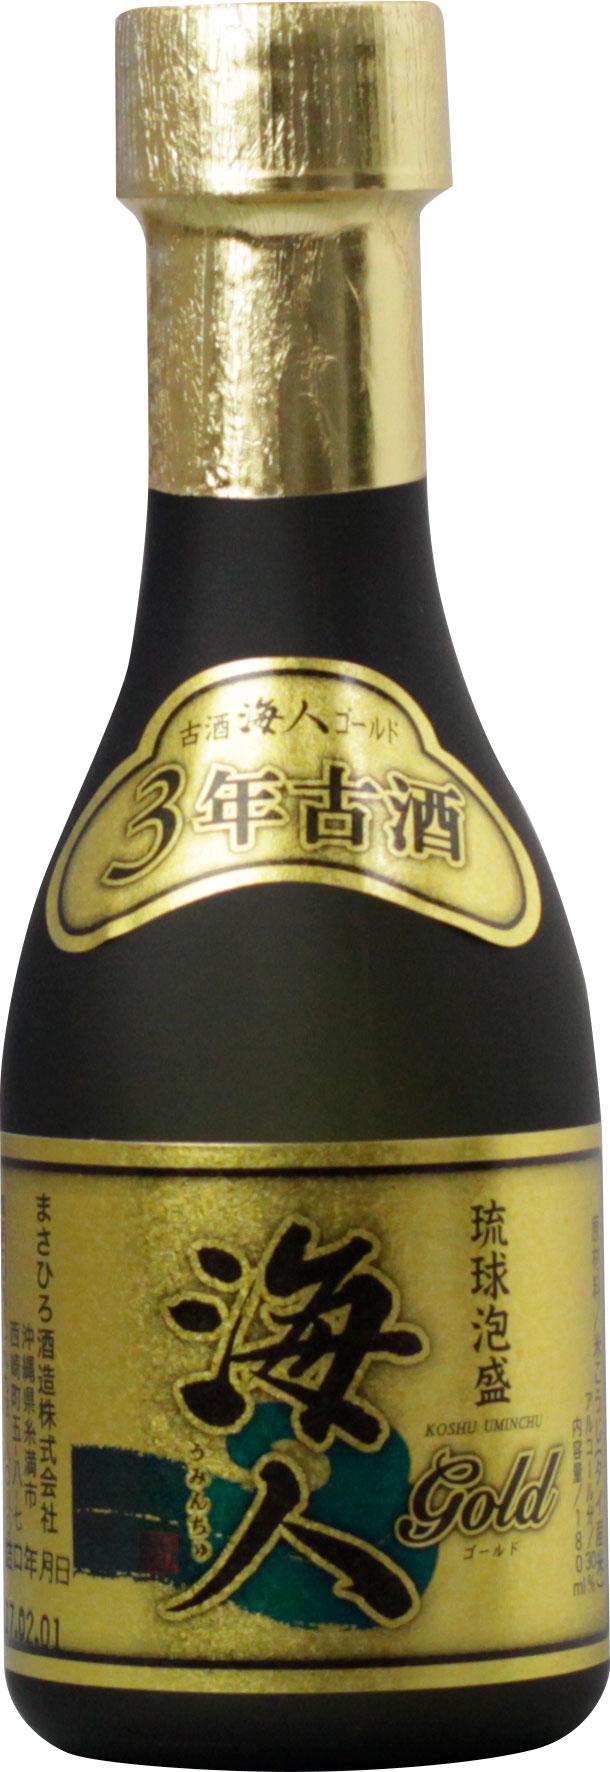 海人ゴールド3年古酒 30度 180ml